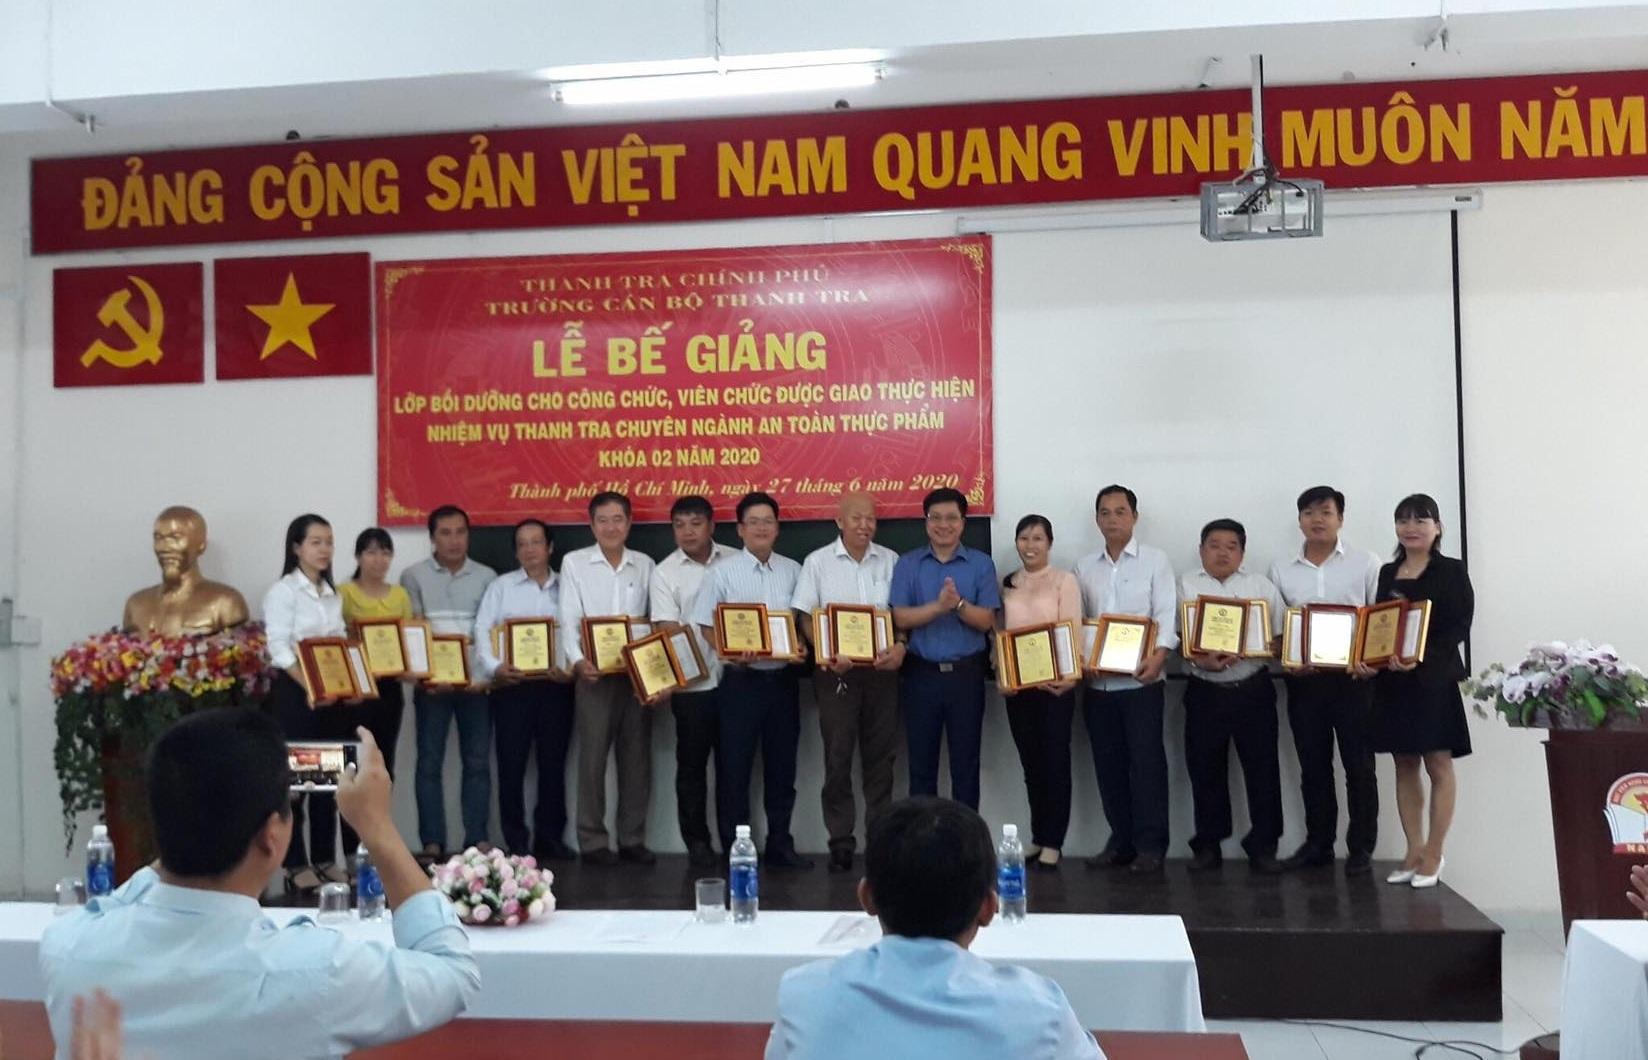 TS Trịnh Văn Toàn Phó Hiệu trưởng Trường CBTT trao GK cho học viên